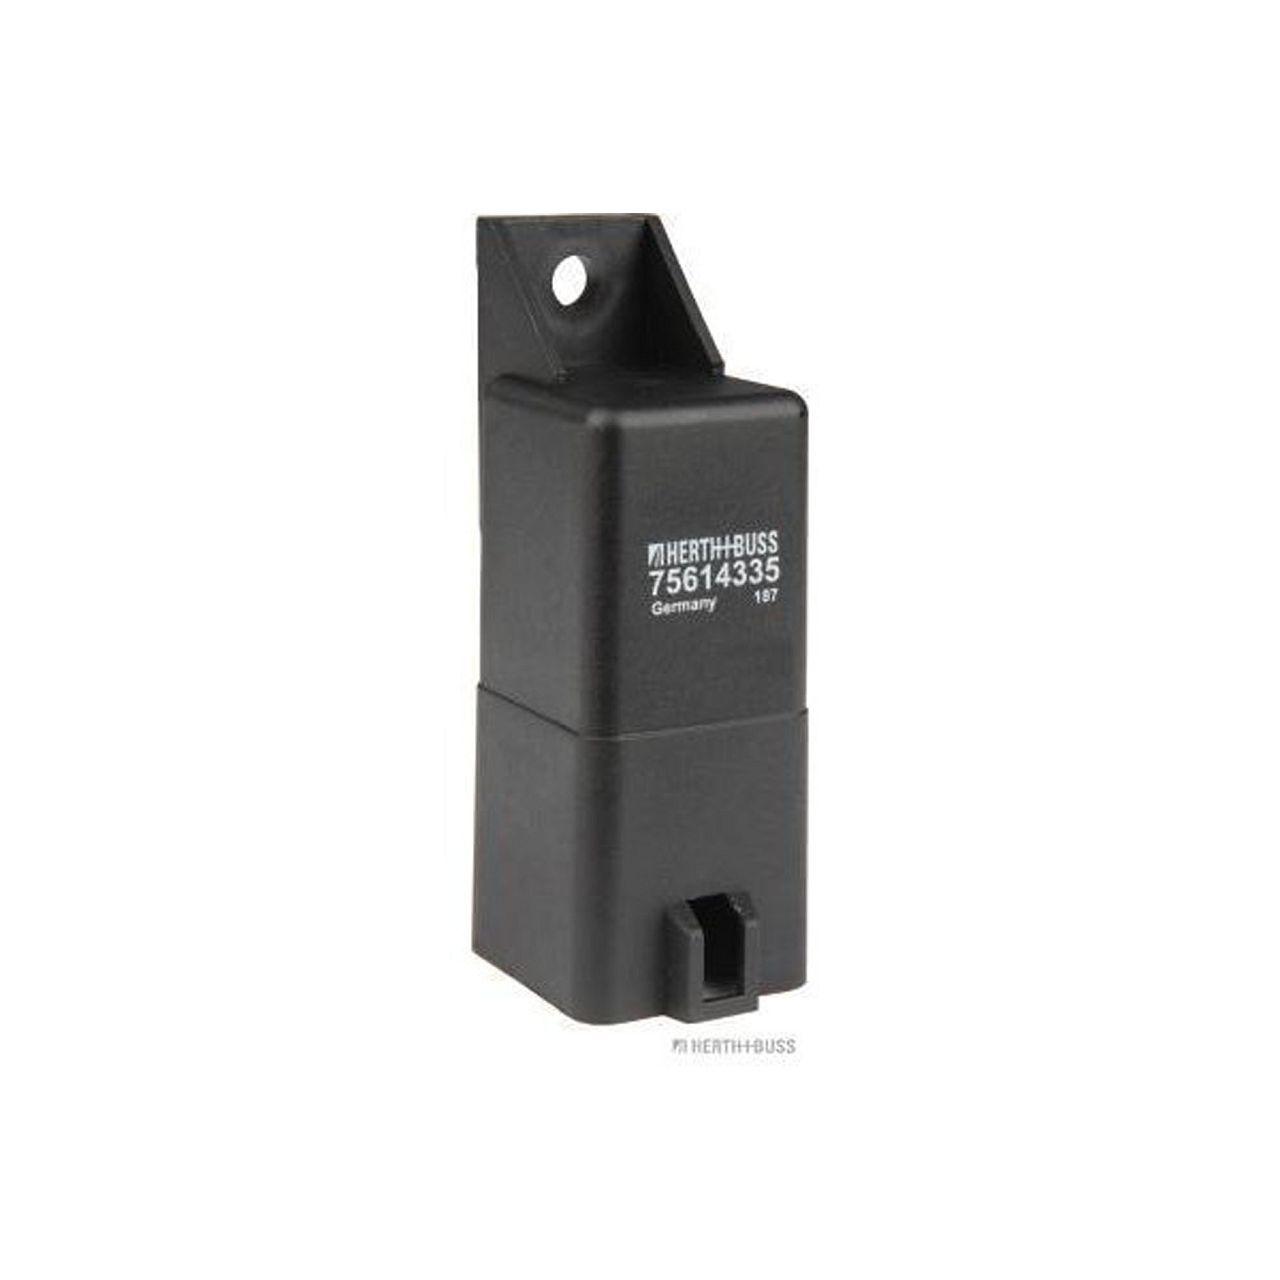 HERTH+BUSS ELPARTS Steuergerät Glühzeit für VOLVO C30 S40 S60 V40 V50 V60 V70 X